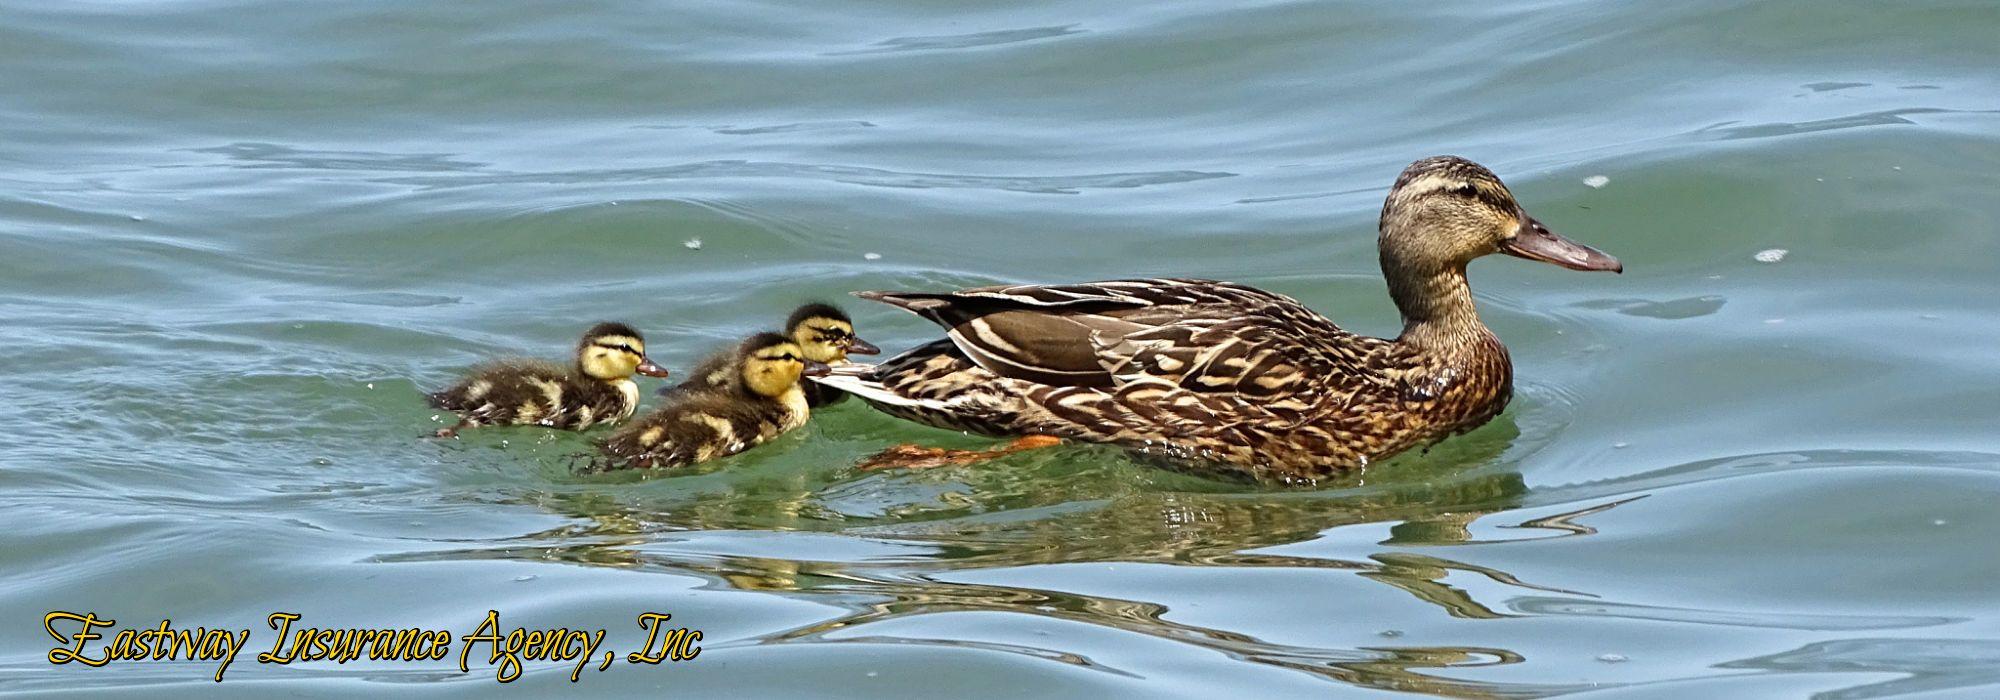 Eastway Ducks In A Row